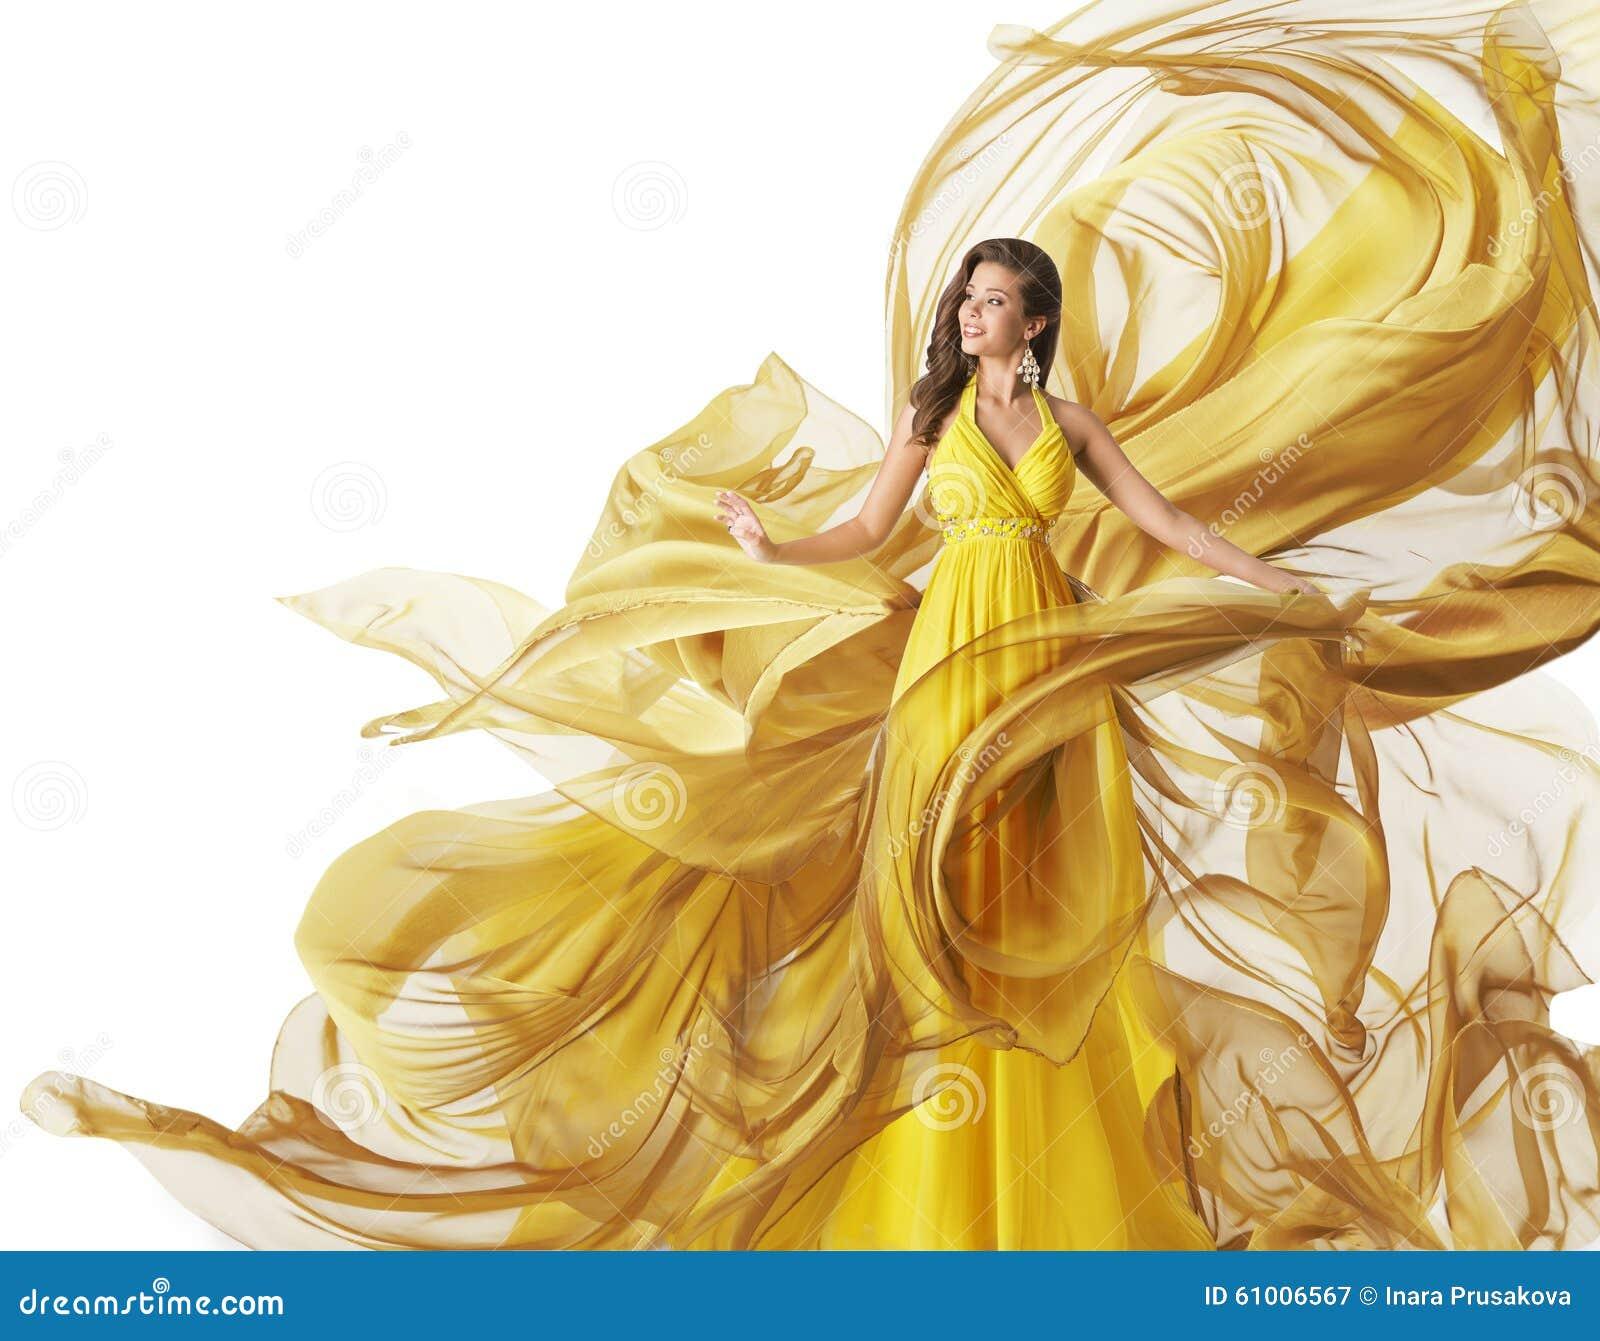 El modelo de moda Dress, vestido de la tela de la mujer que fluye, viste blanco